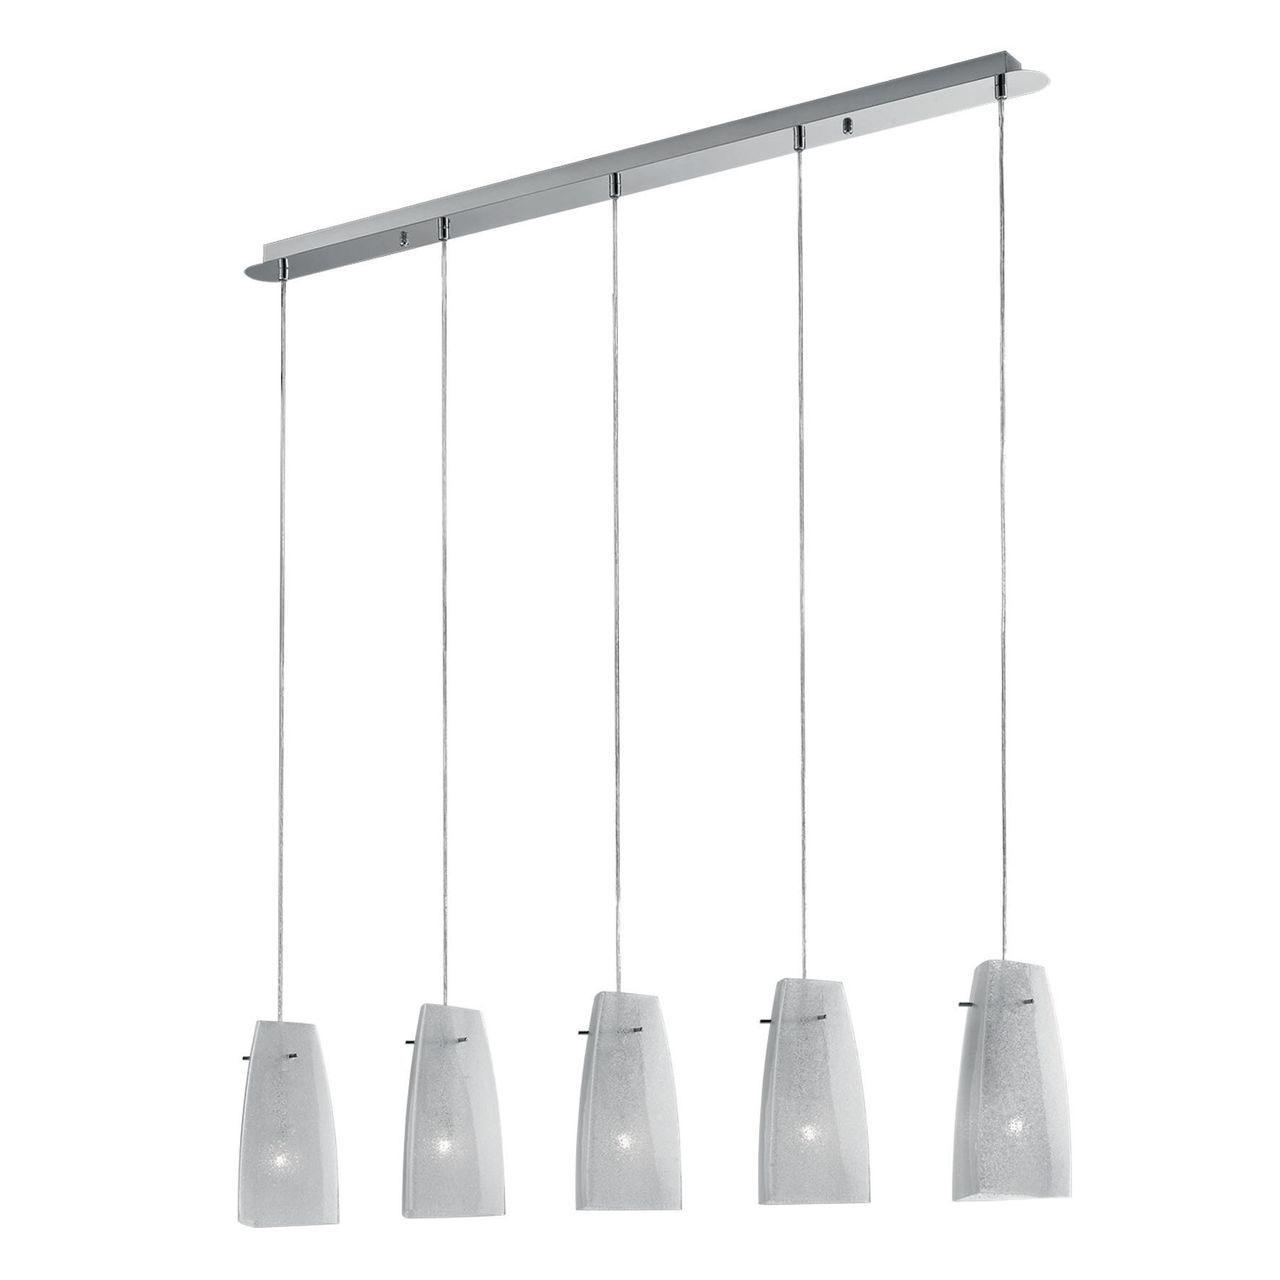 Подвесной светильник Ideal Lux Sugar SP5 подвесной светильник ideal lux bar sp5